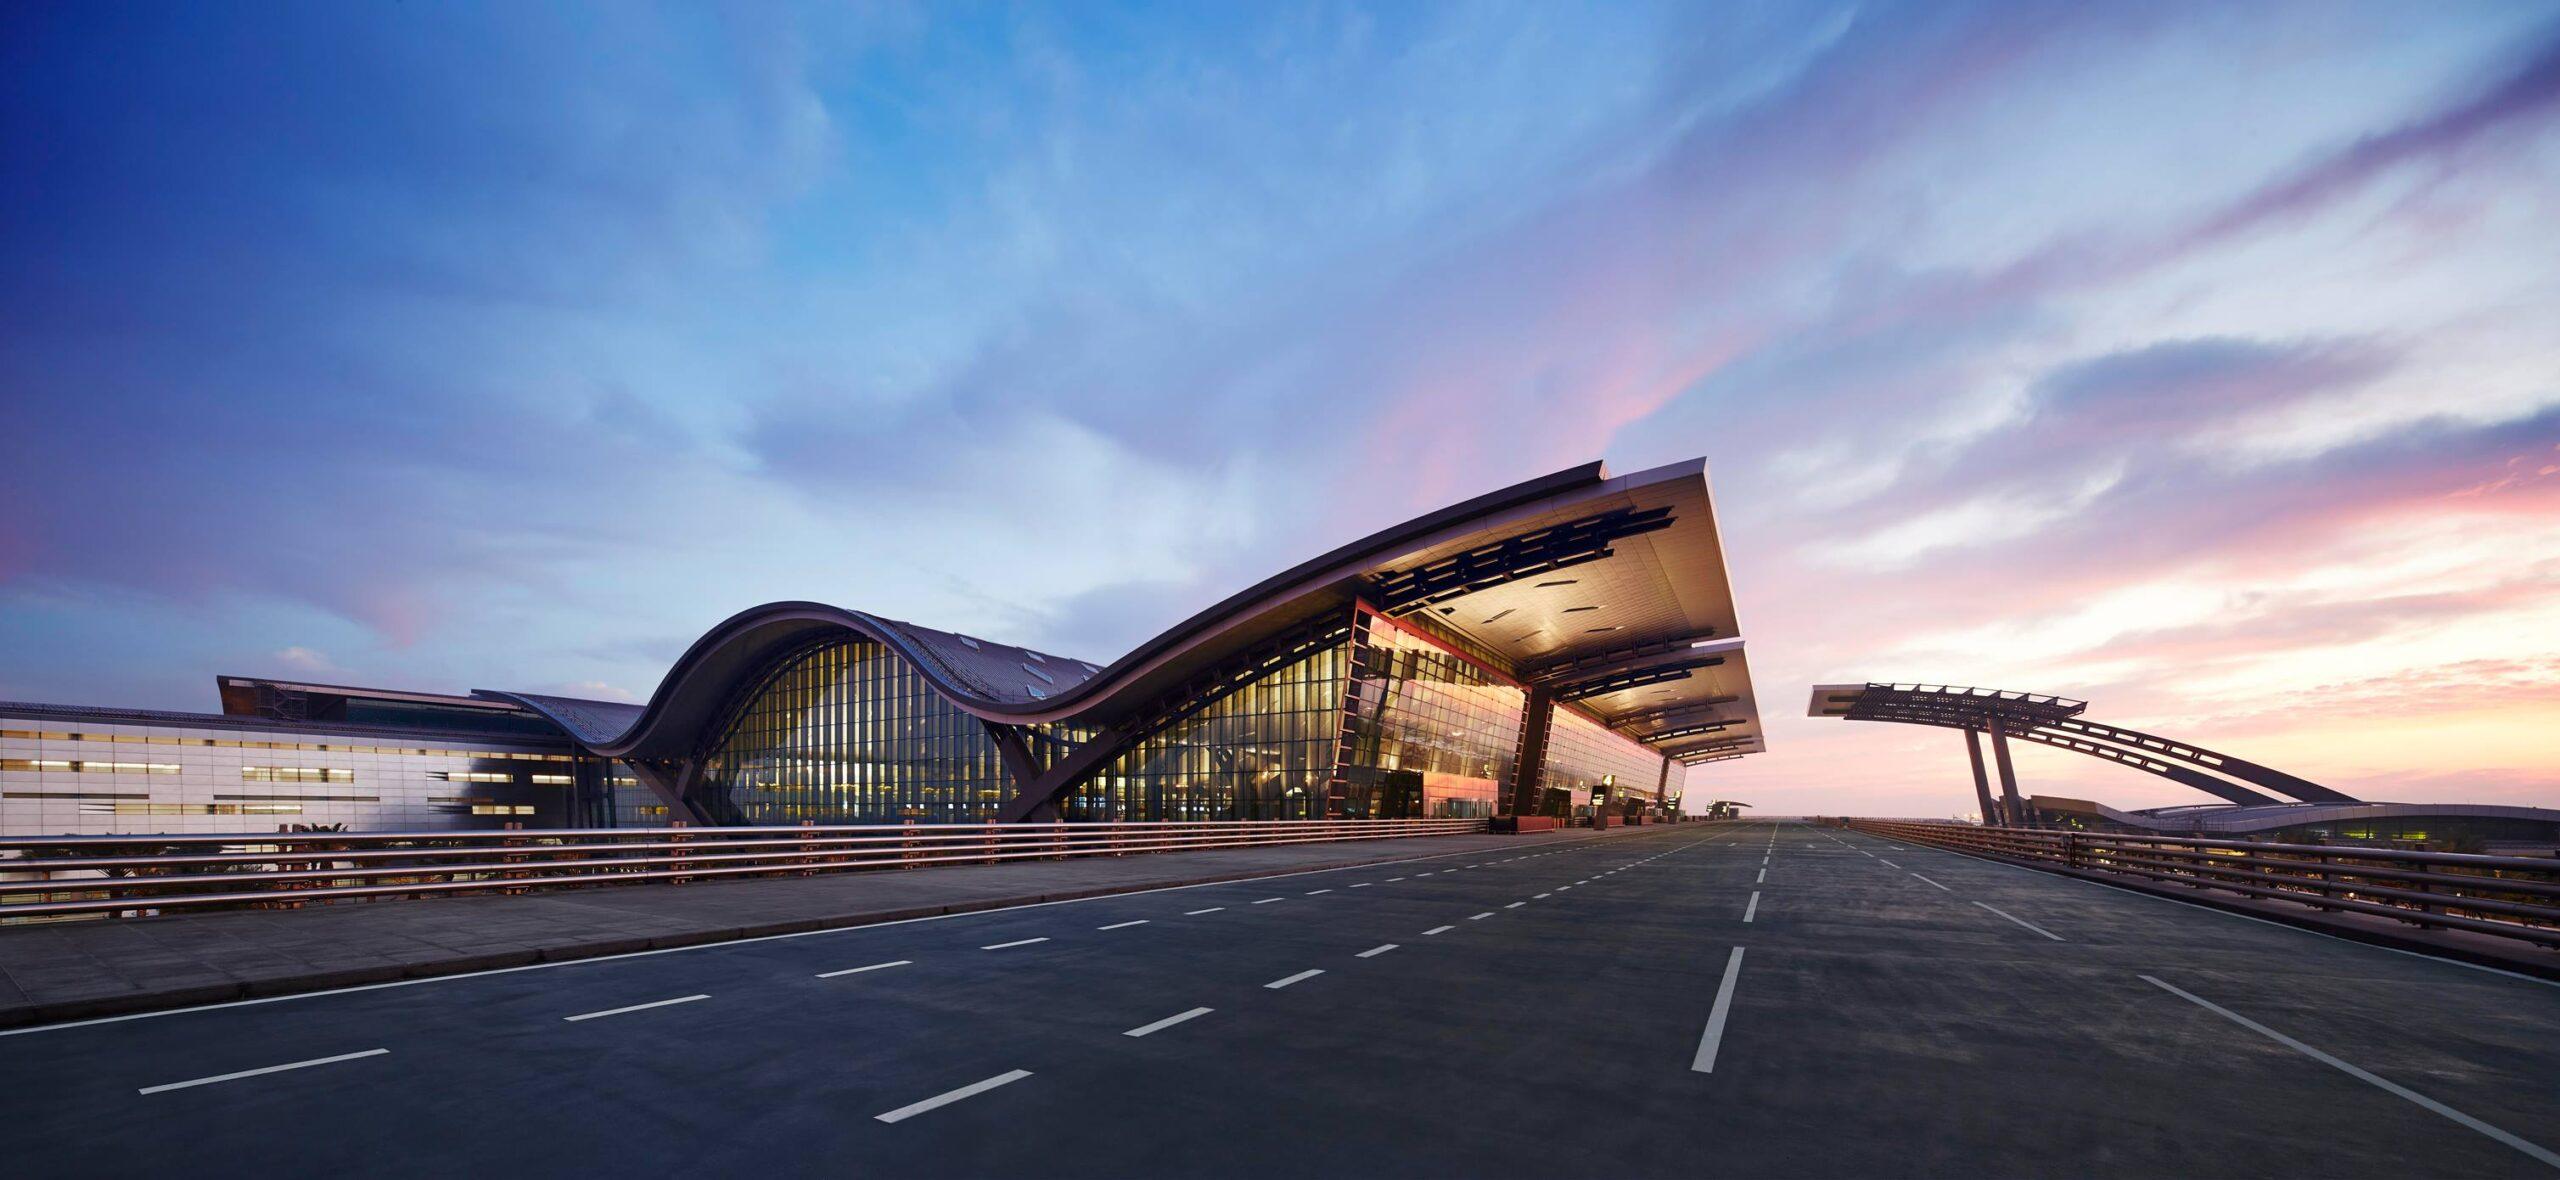 नाकाबन्दीको पाठले कतारलाई दिएको सफलता : मध्यपूर्वकै व्यस्त विमानस्थल बन्यो 'एचआइए'